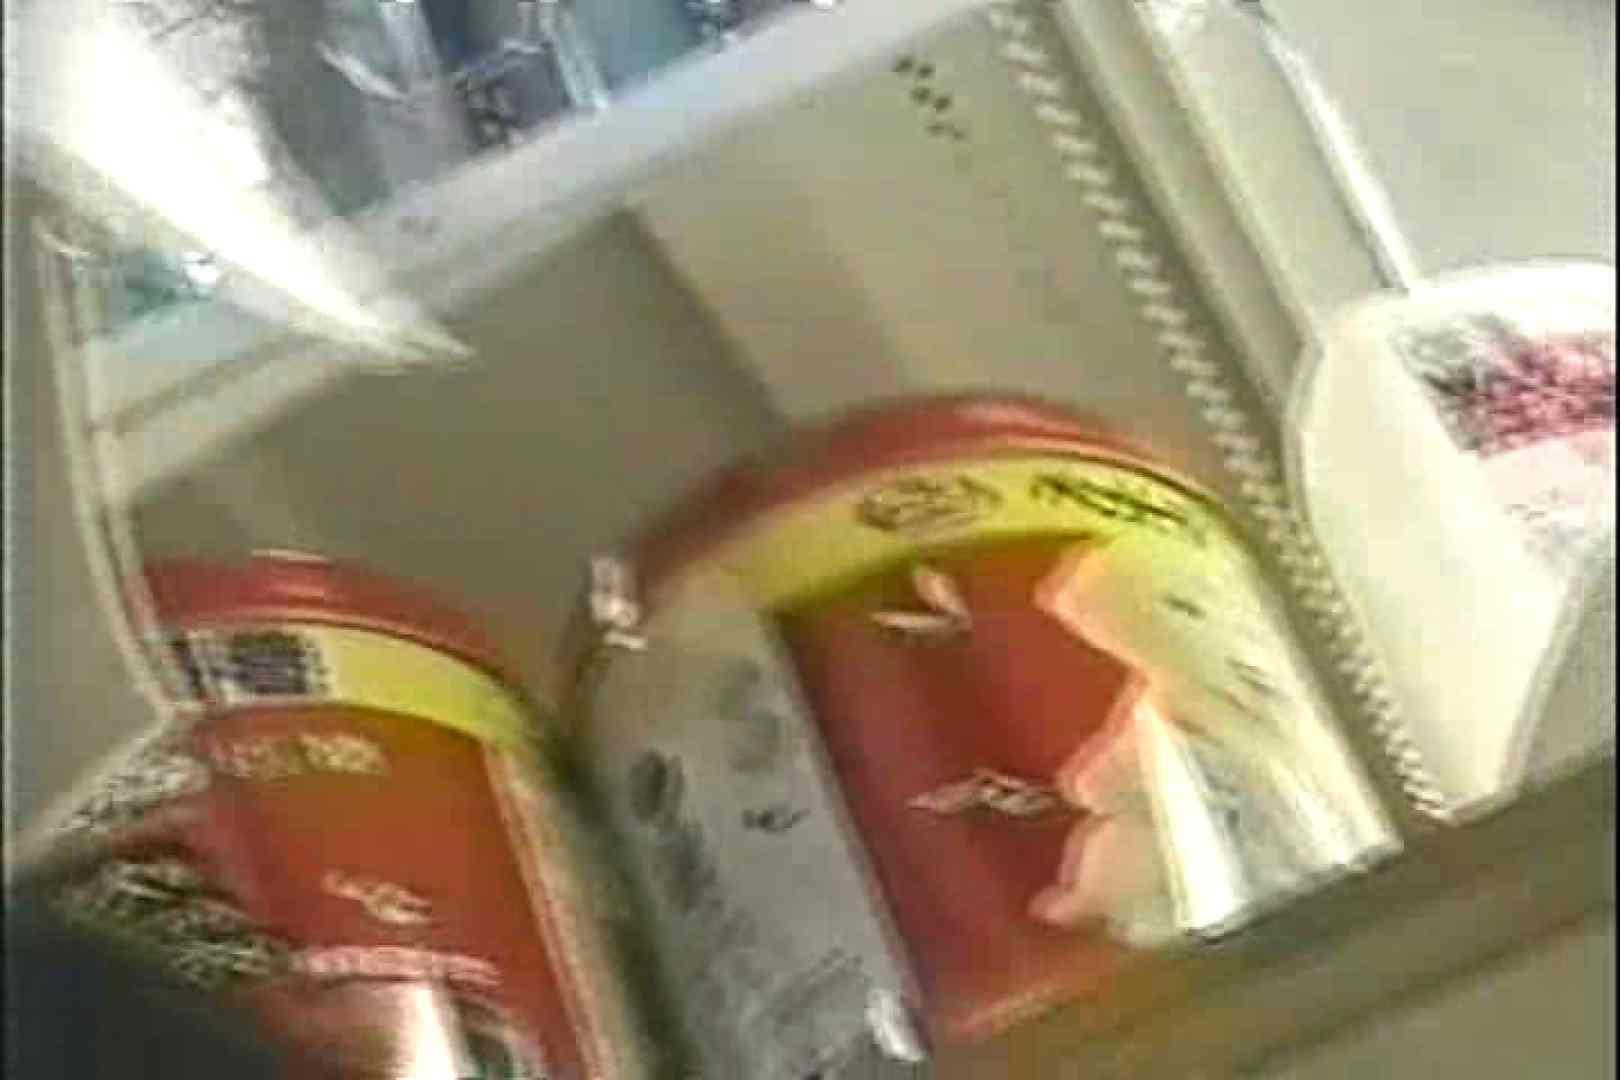 「ちくりん」さんのオリジナル未編集パンチラVol.3_01 OLエロ画像  63PICs 24